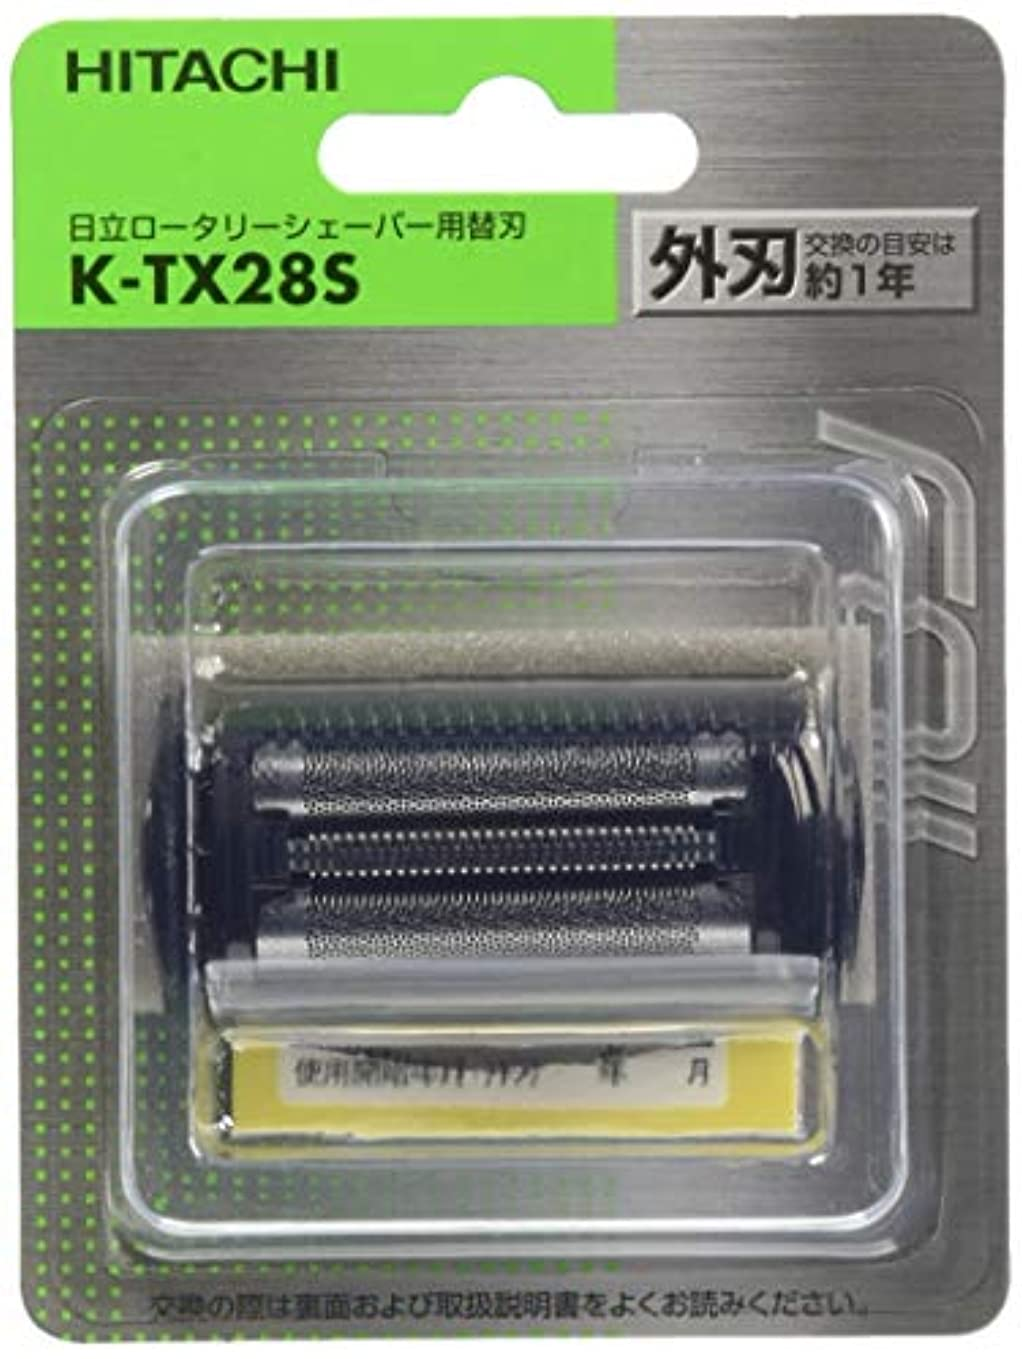 ボス対処する簡略化する日立 替刃 外刃 K-TX28S